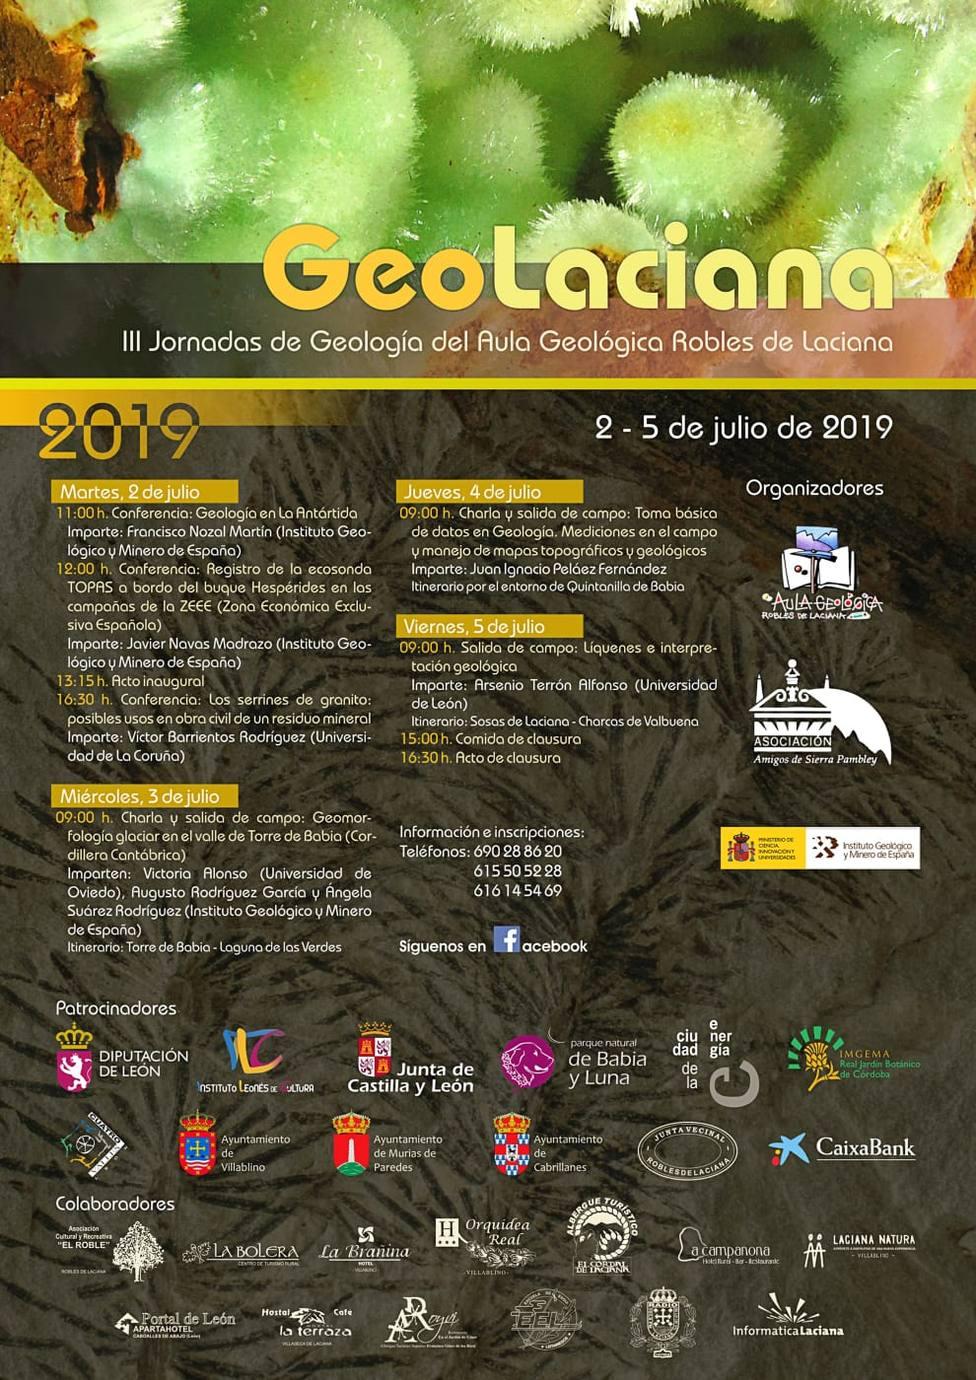 """Este martes 2 de julio, comenzarán las III Jornadas de Geología: """"Geolaciana"""""""